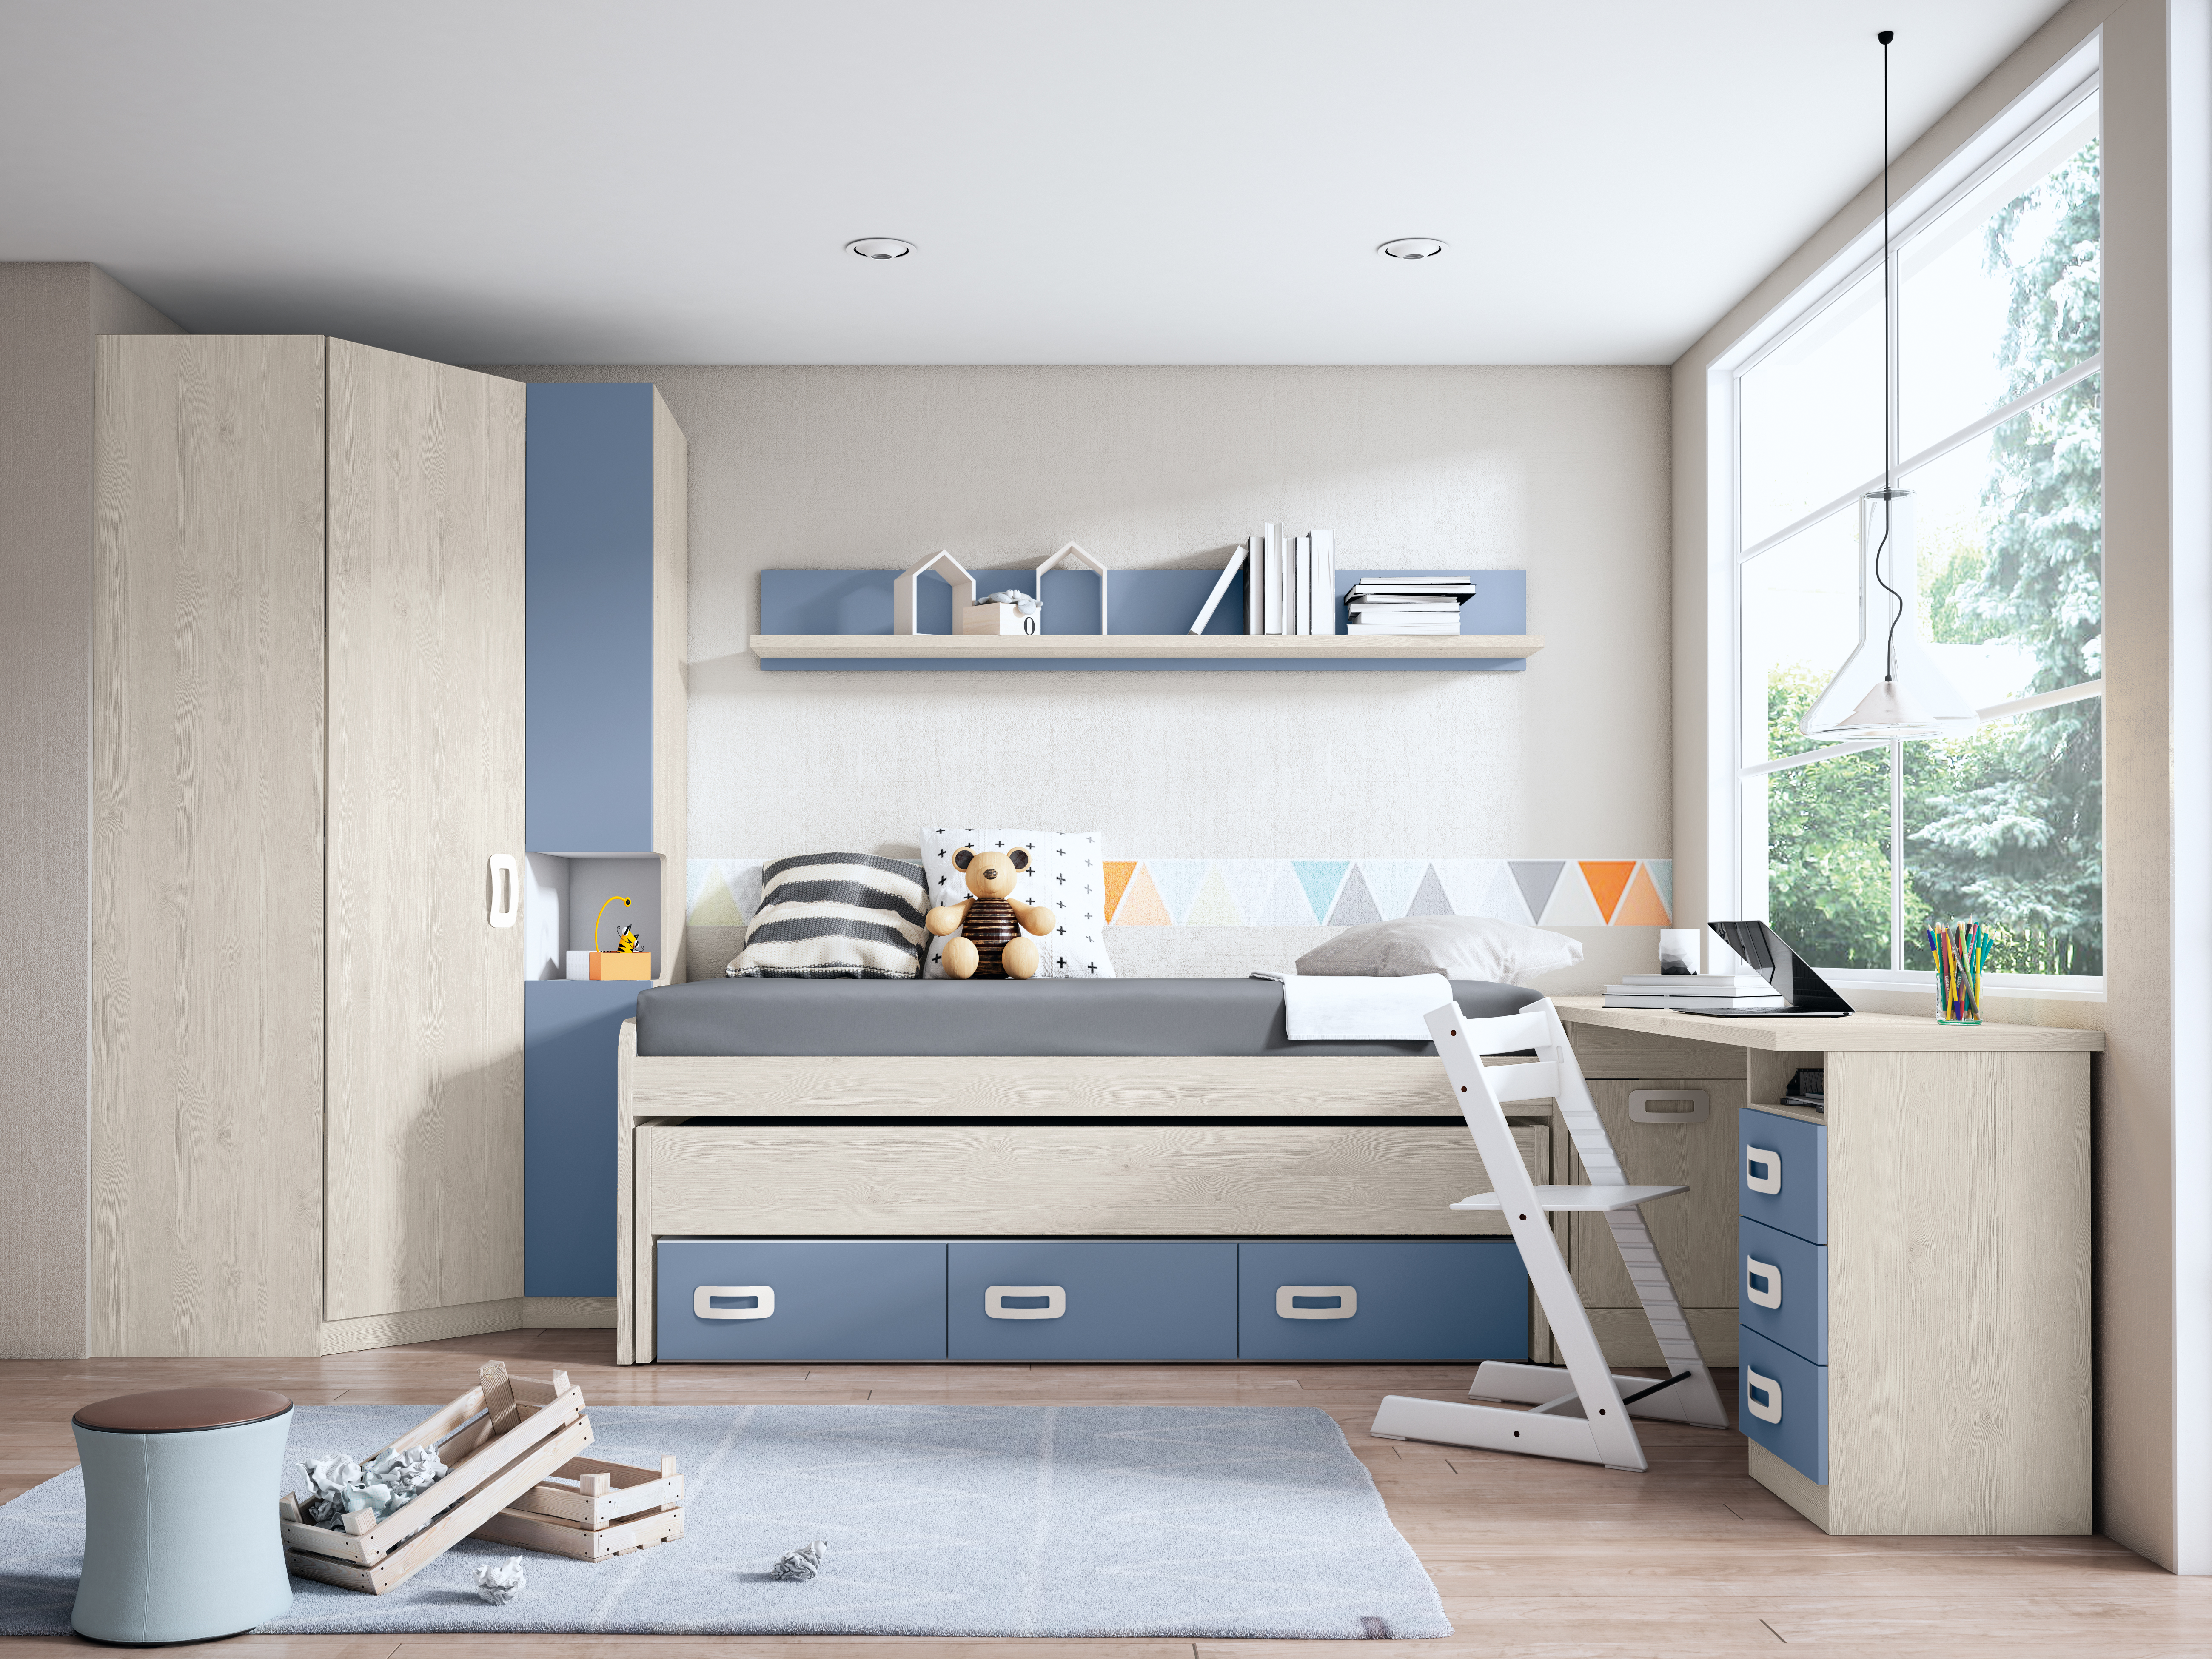 Dormitorio juvenil completo BLANCO NORDIC - AZUL TALCO